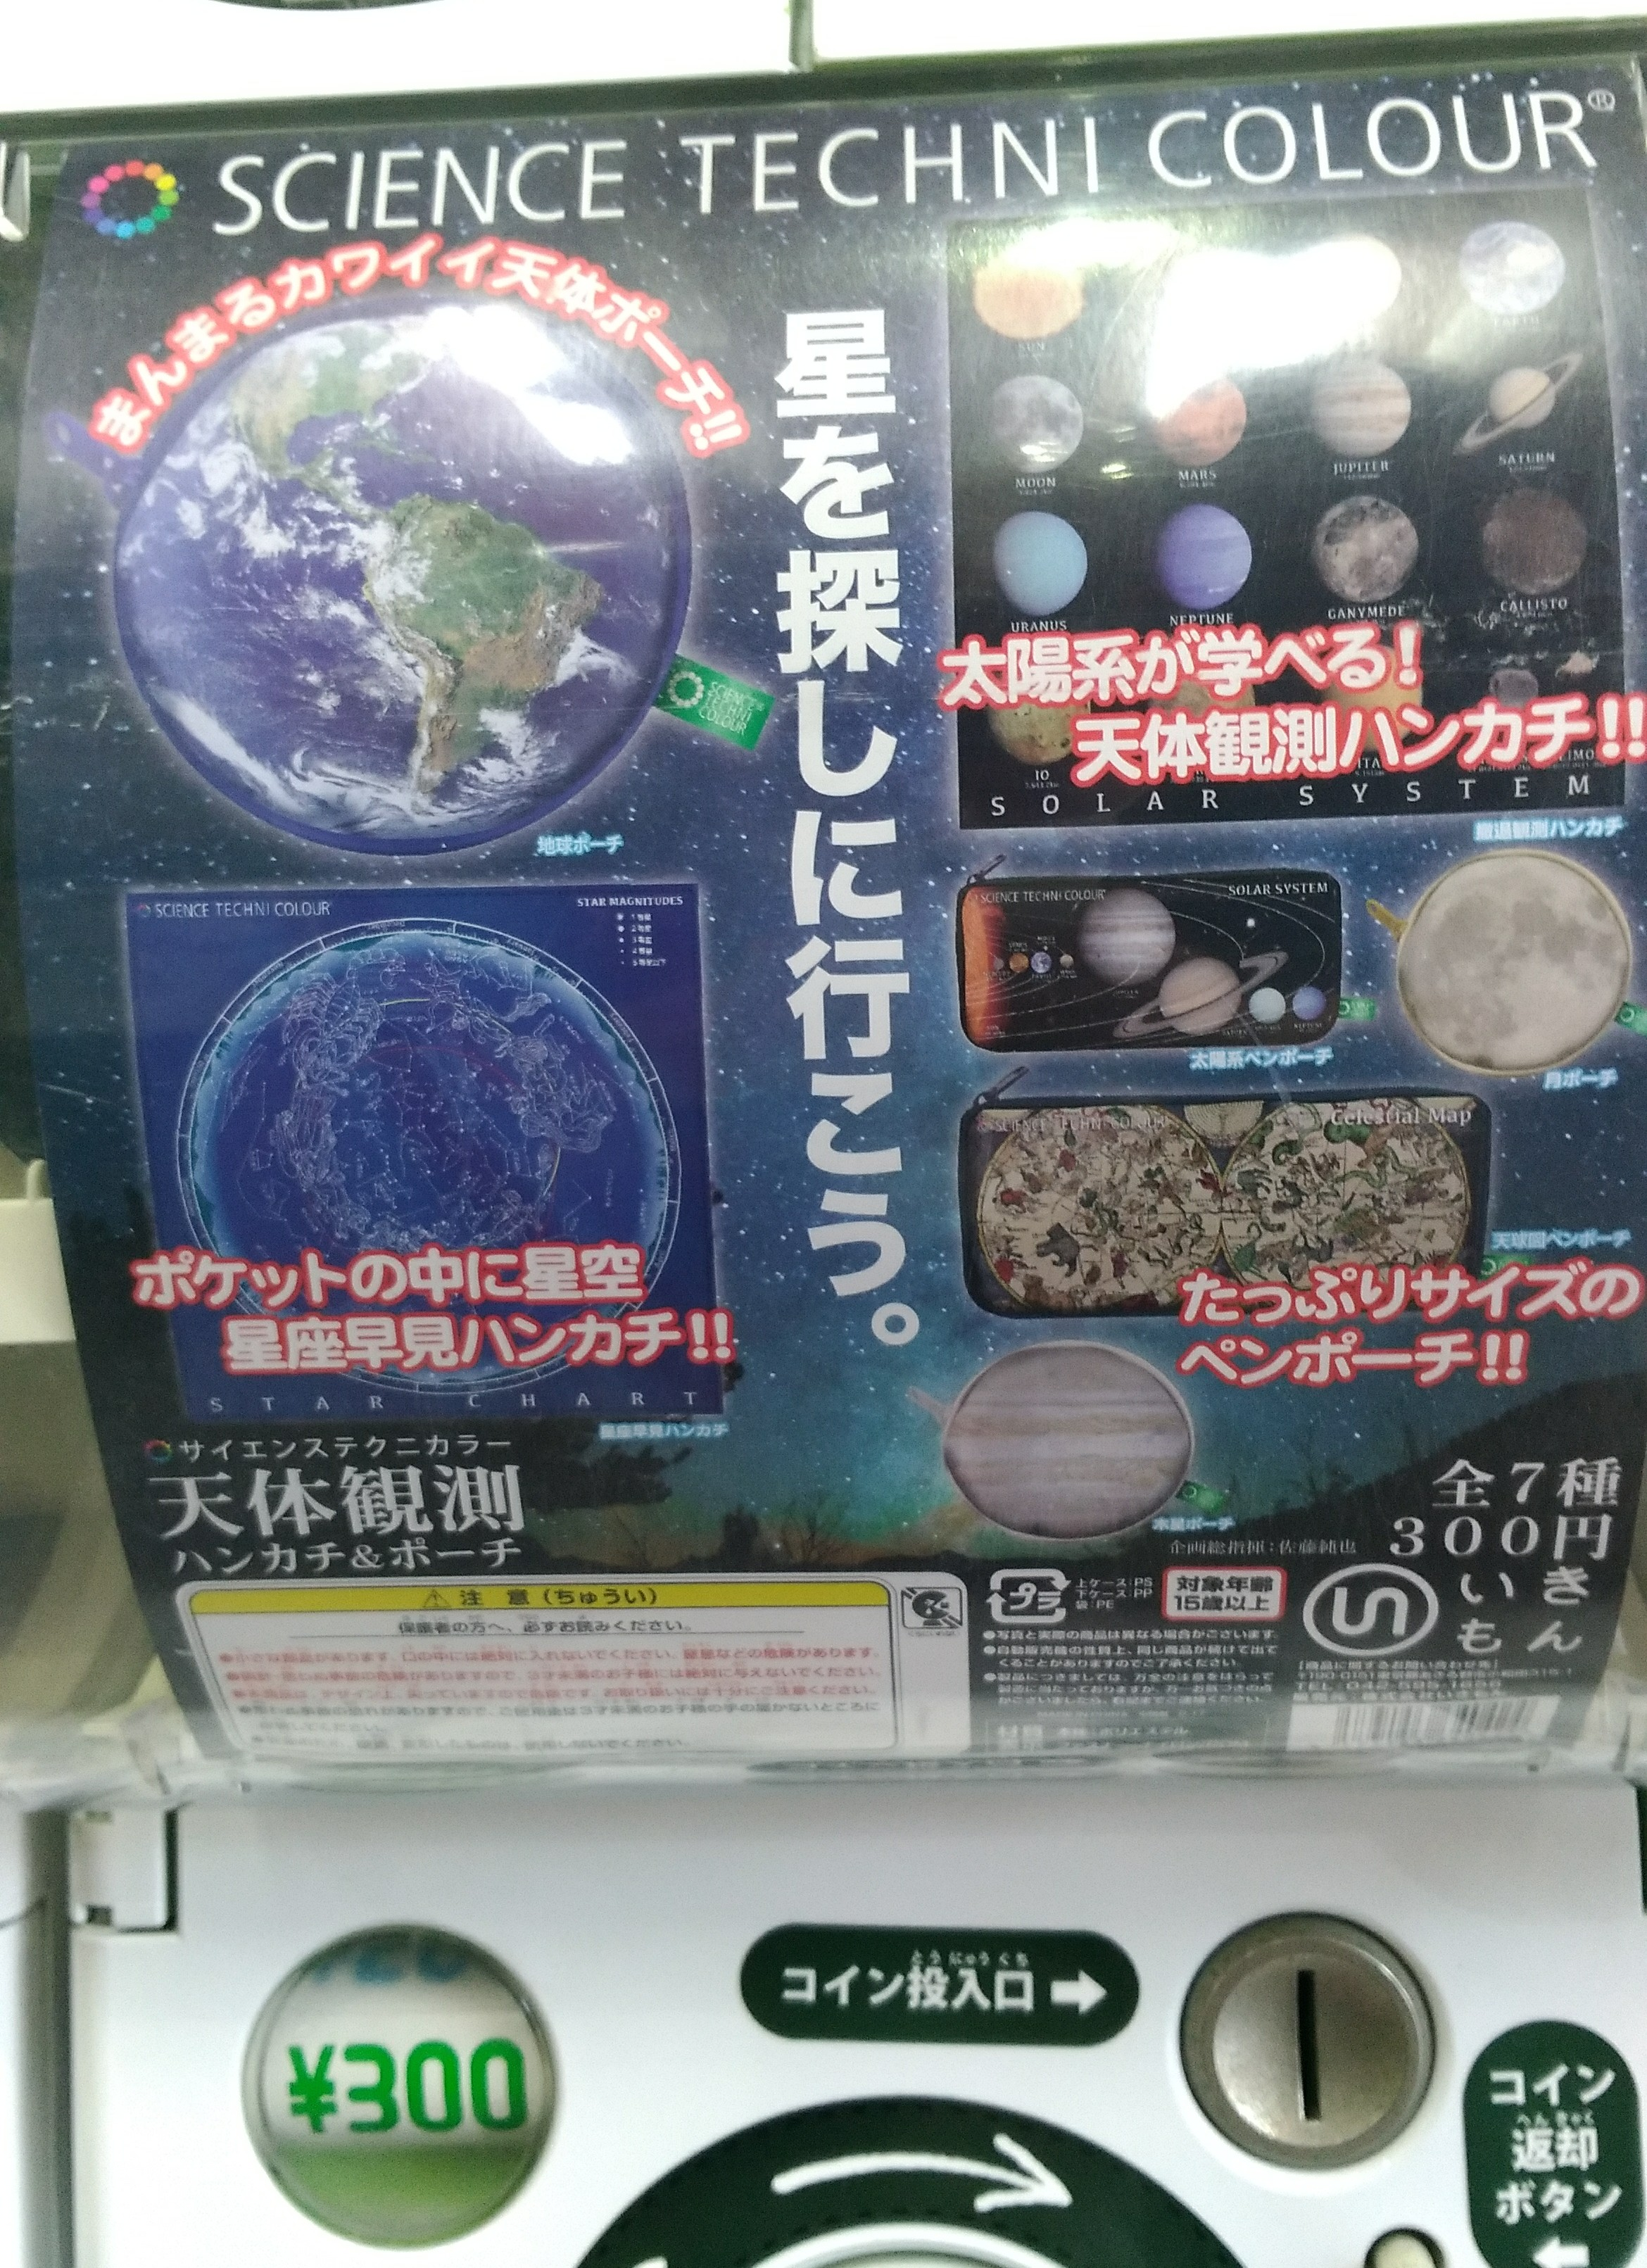 科学ガチャ20「天体観測ハンカチ&ポーチ」